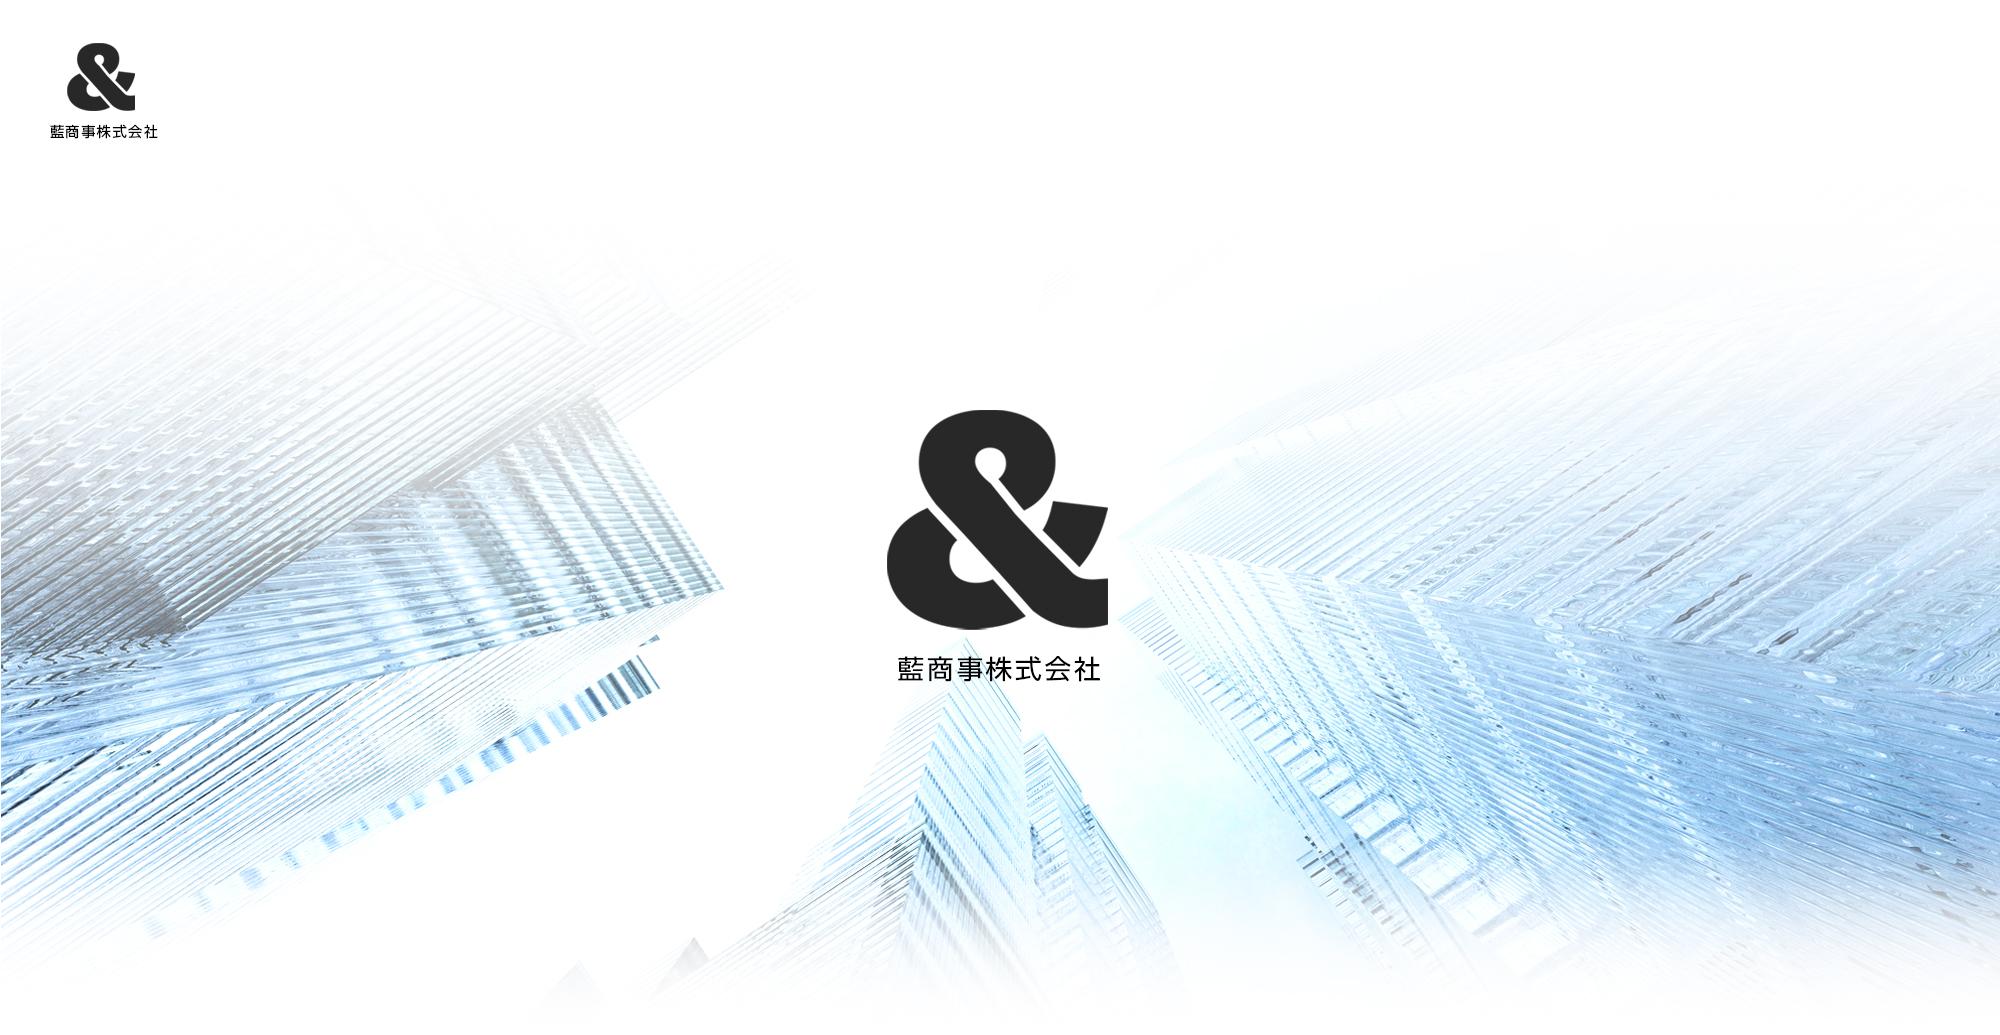 藍商事株式会社